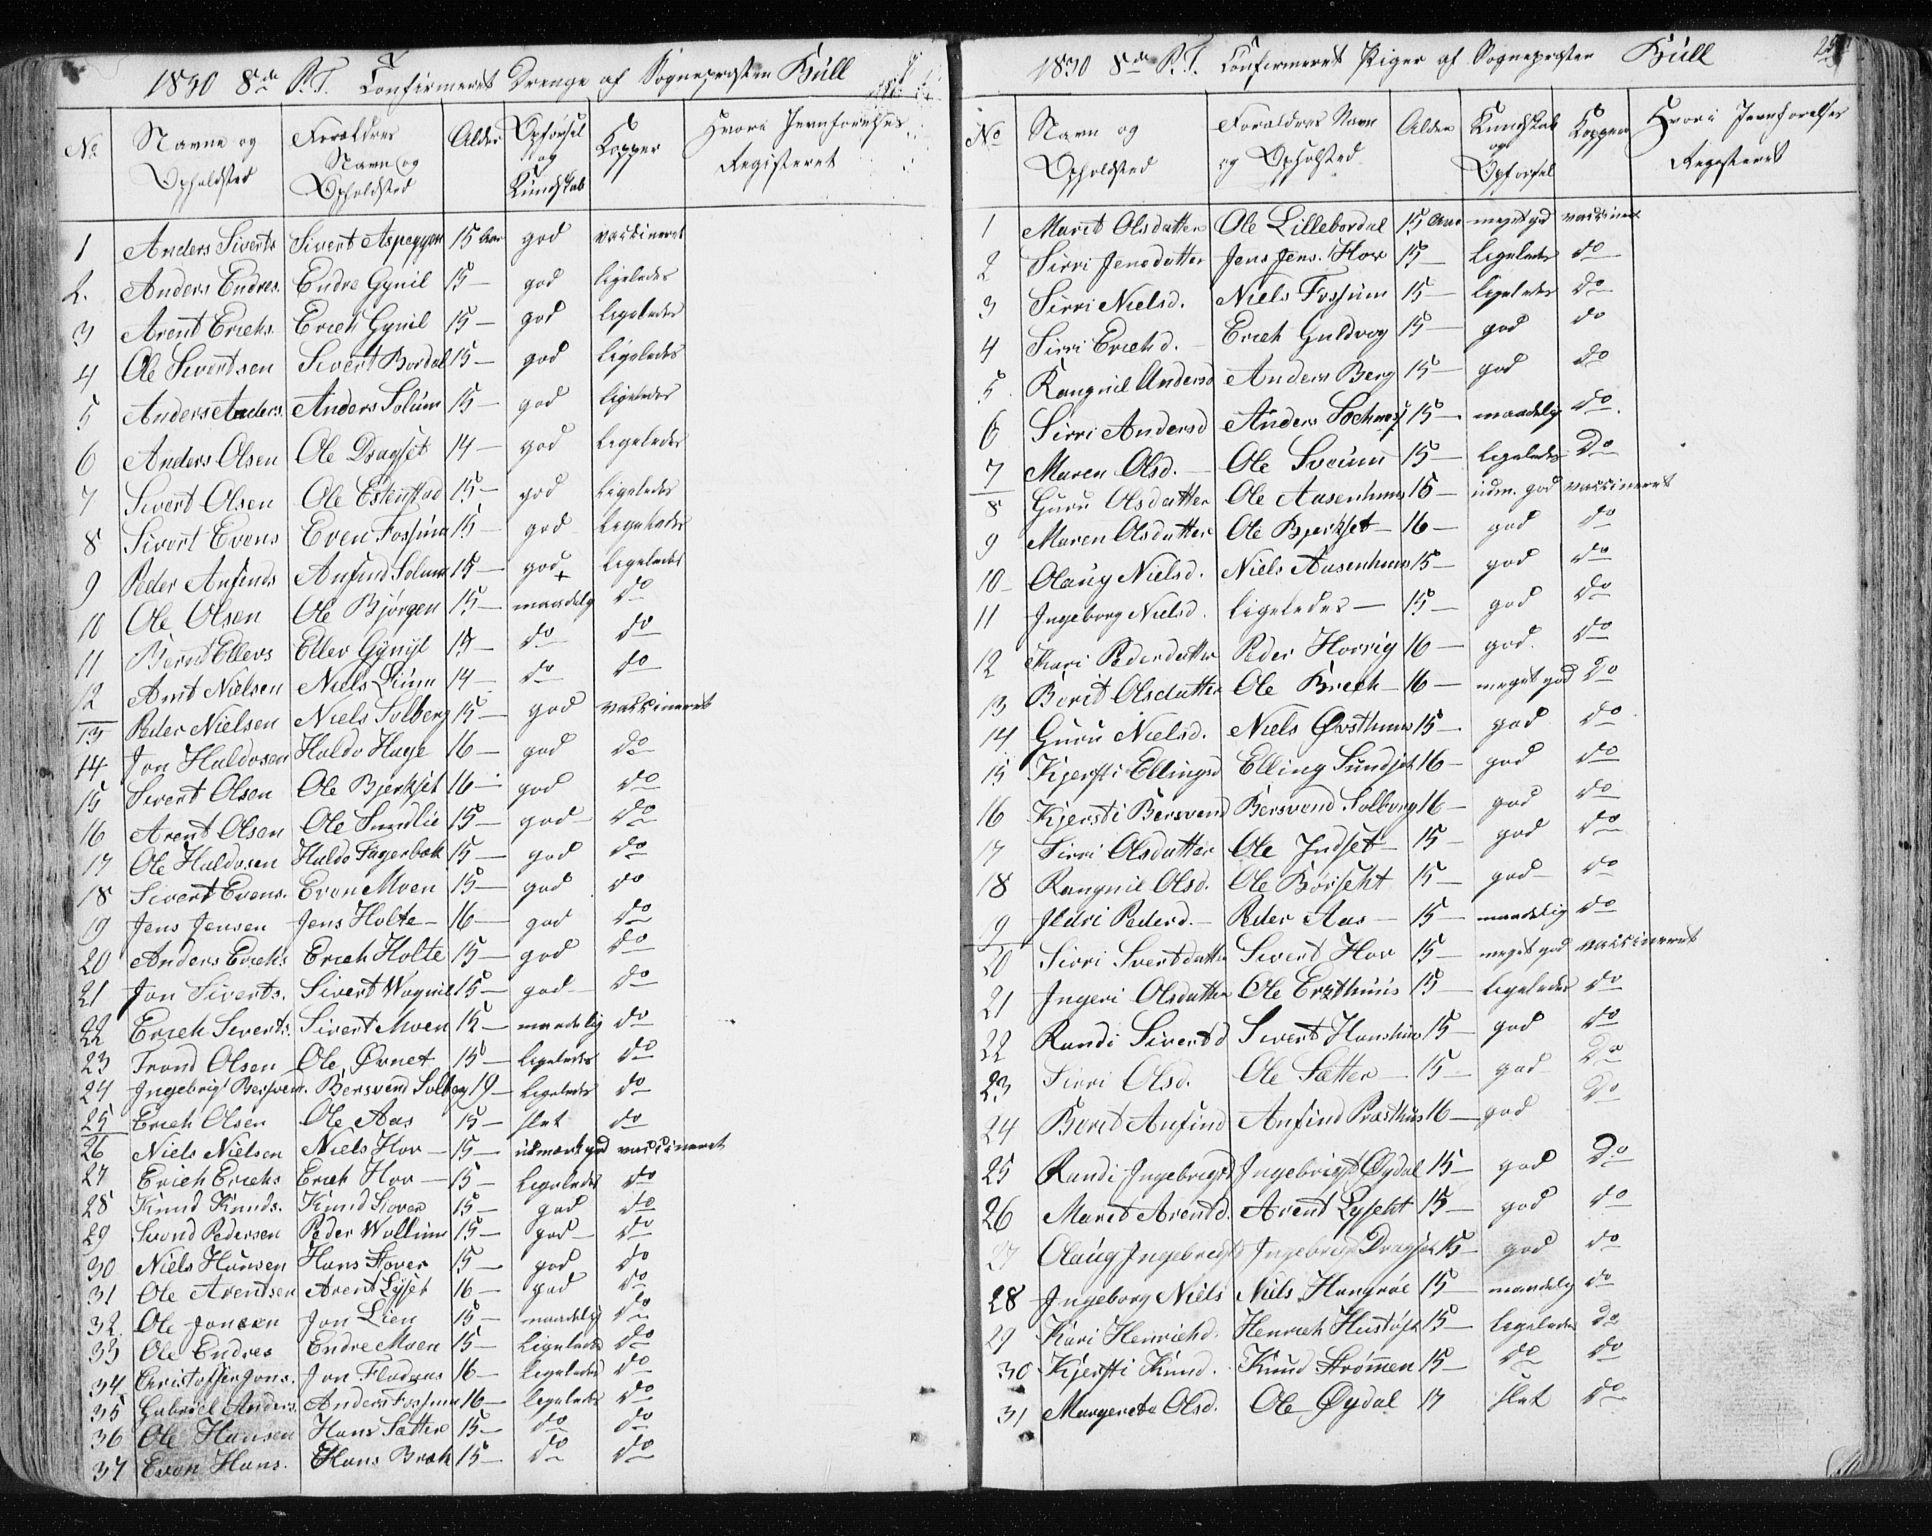 SAT, Ministerialprotokoller, klokkerbøker og fødselsregistre - Sør-Trøndelag, 689/L1043: Klokkerbok nr. 689C02, 1816-1892, s. 257